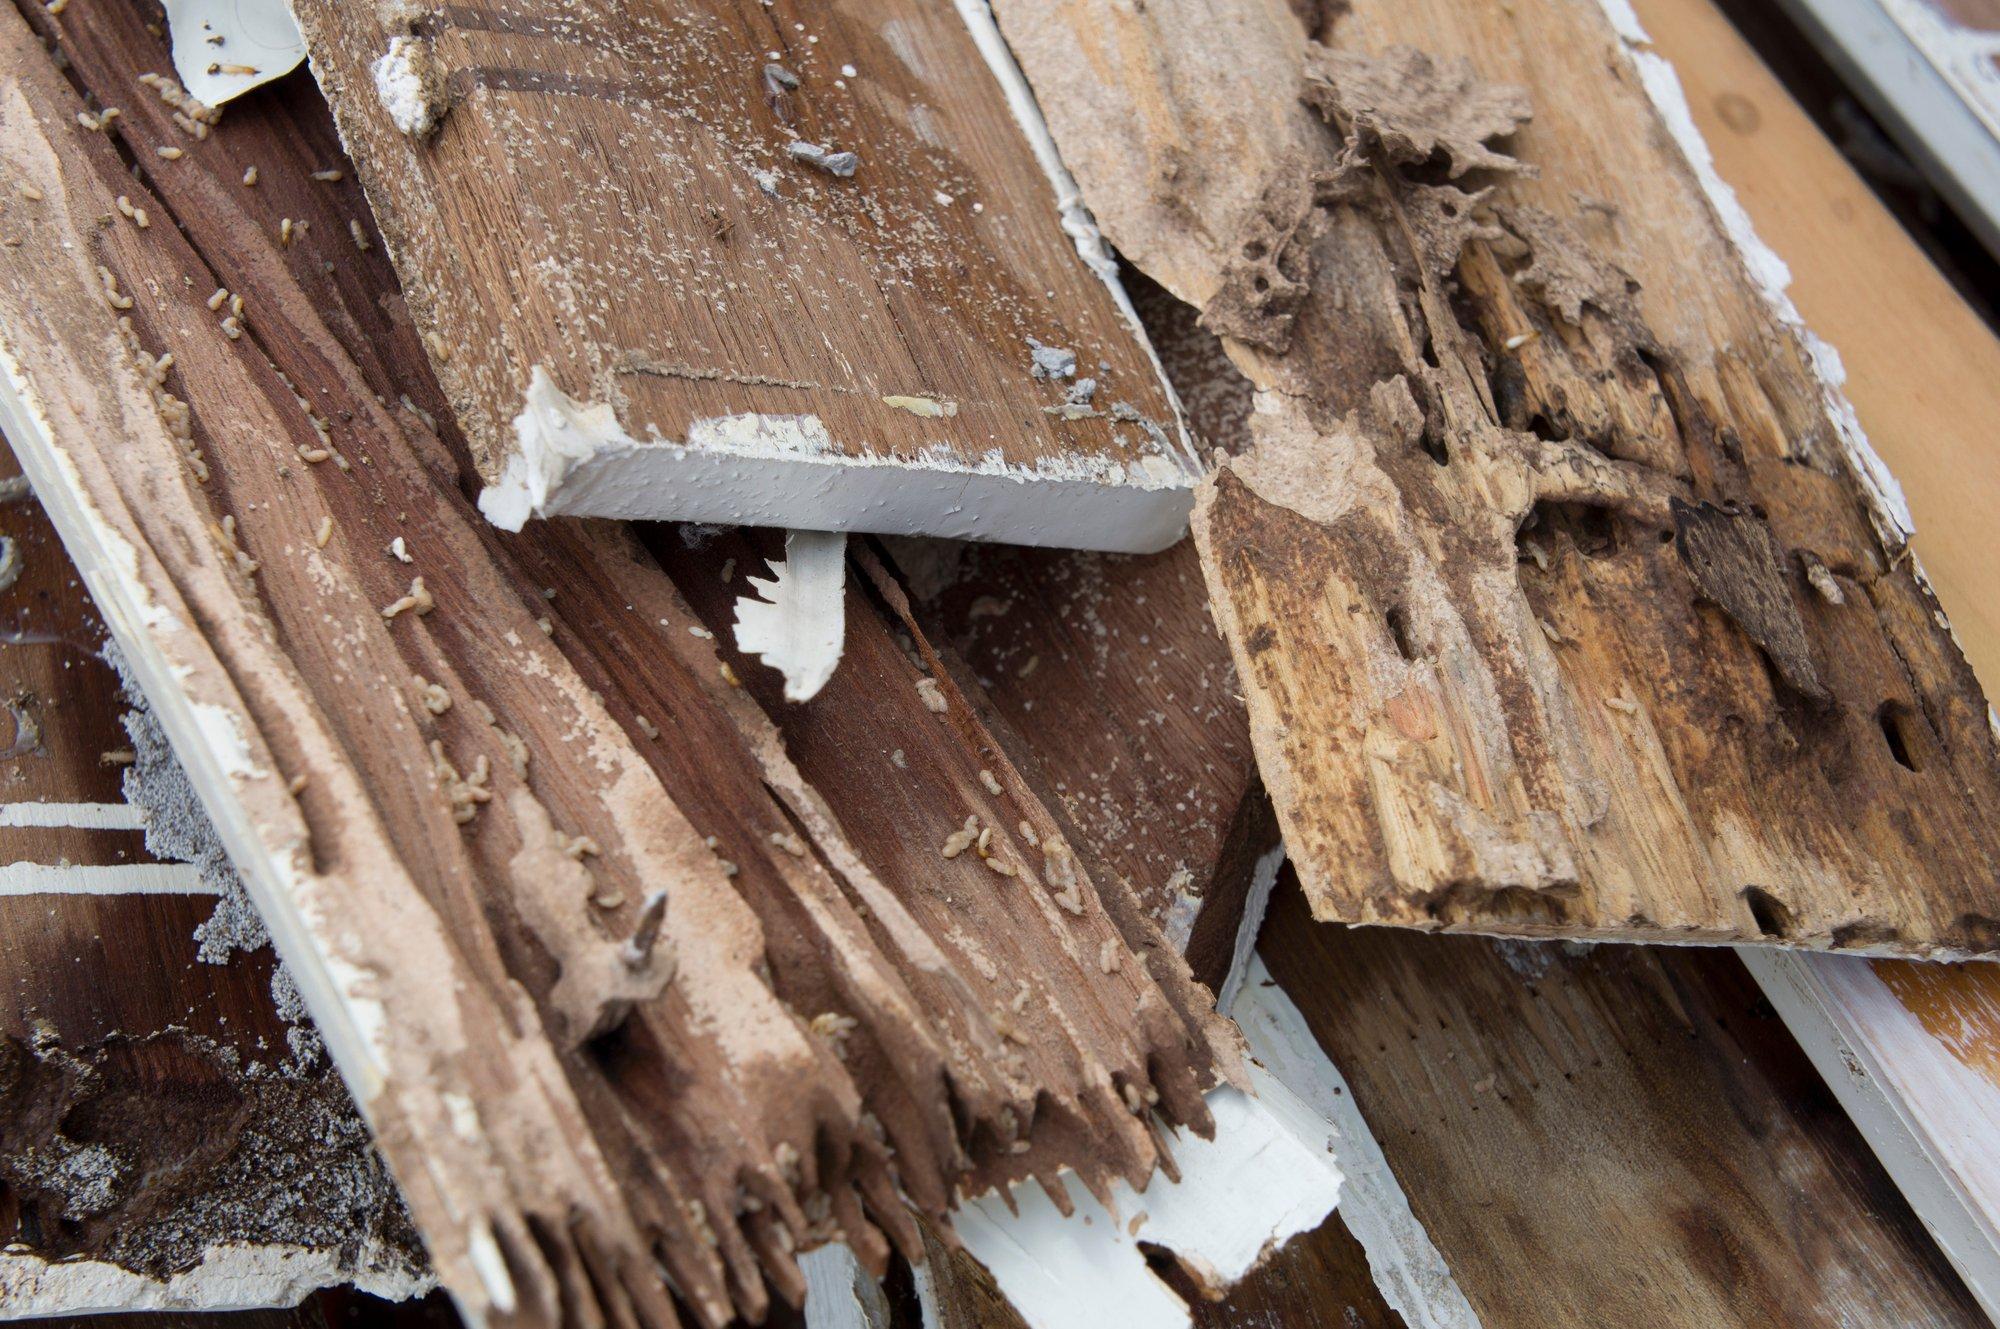 Termite damage rotten wood eat nest destroy concept